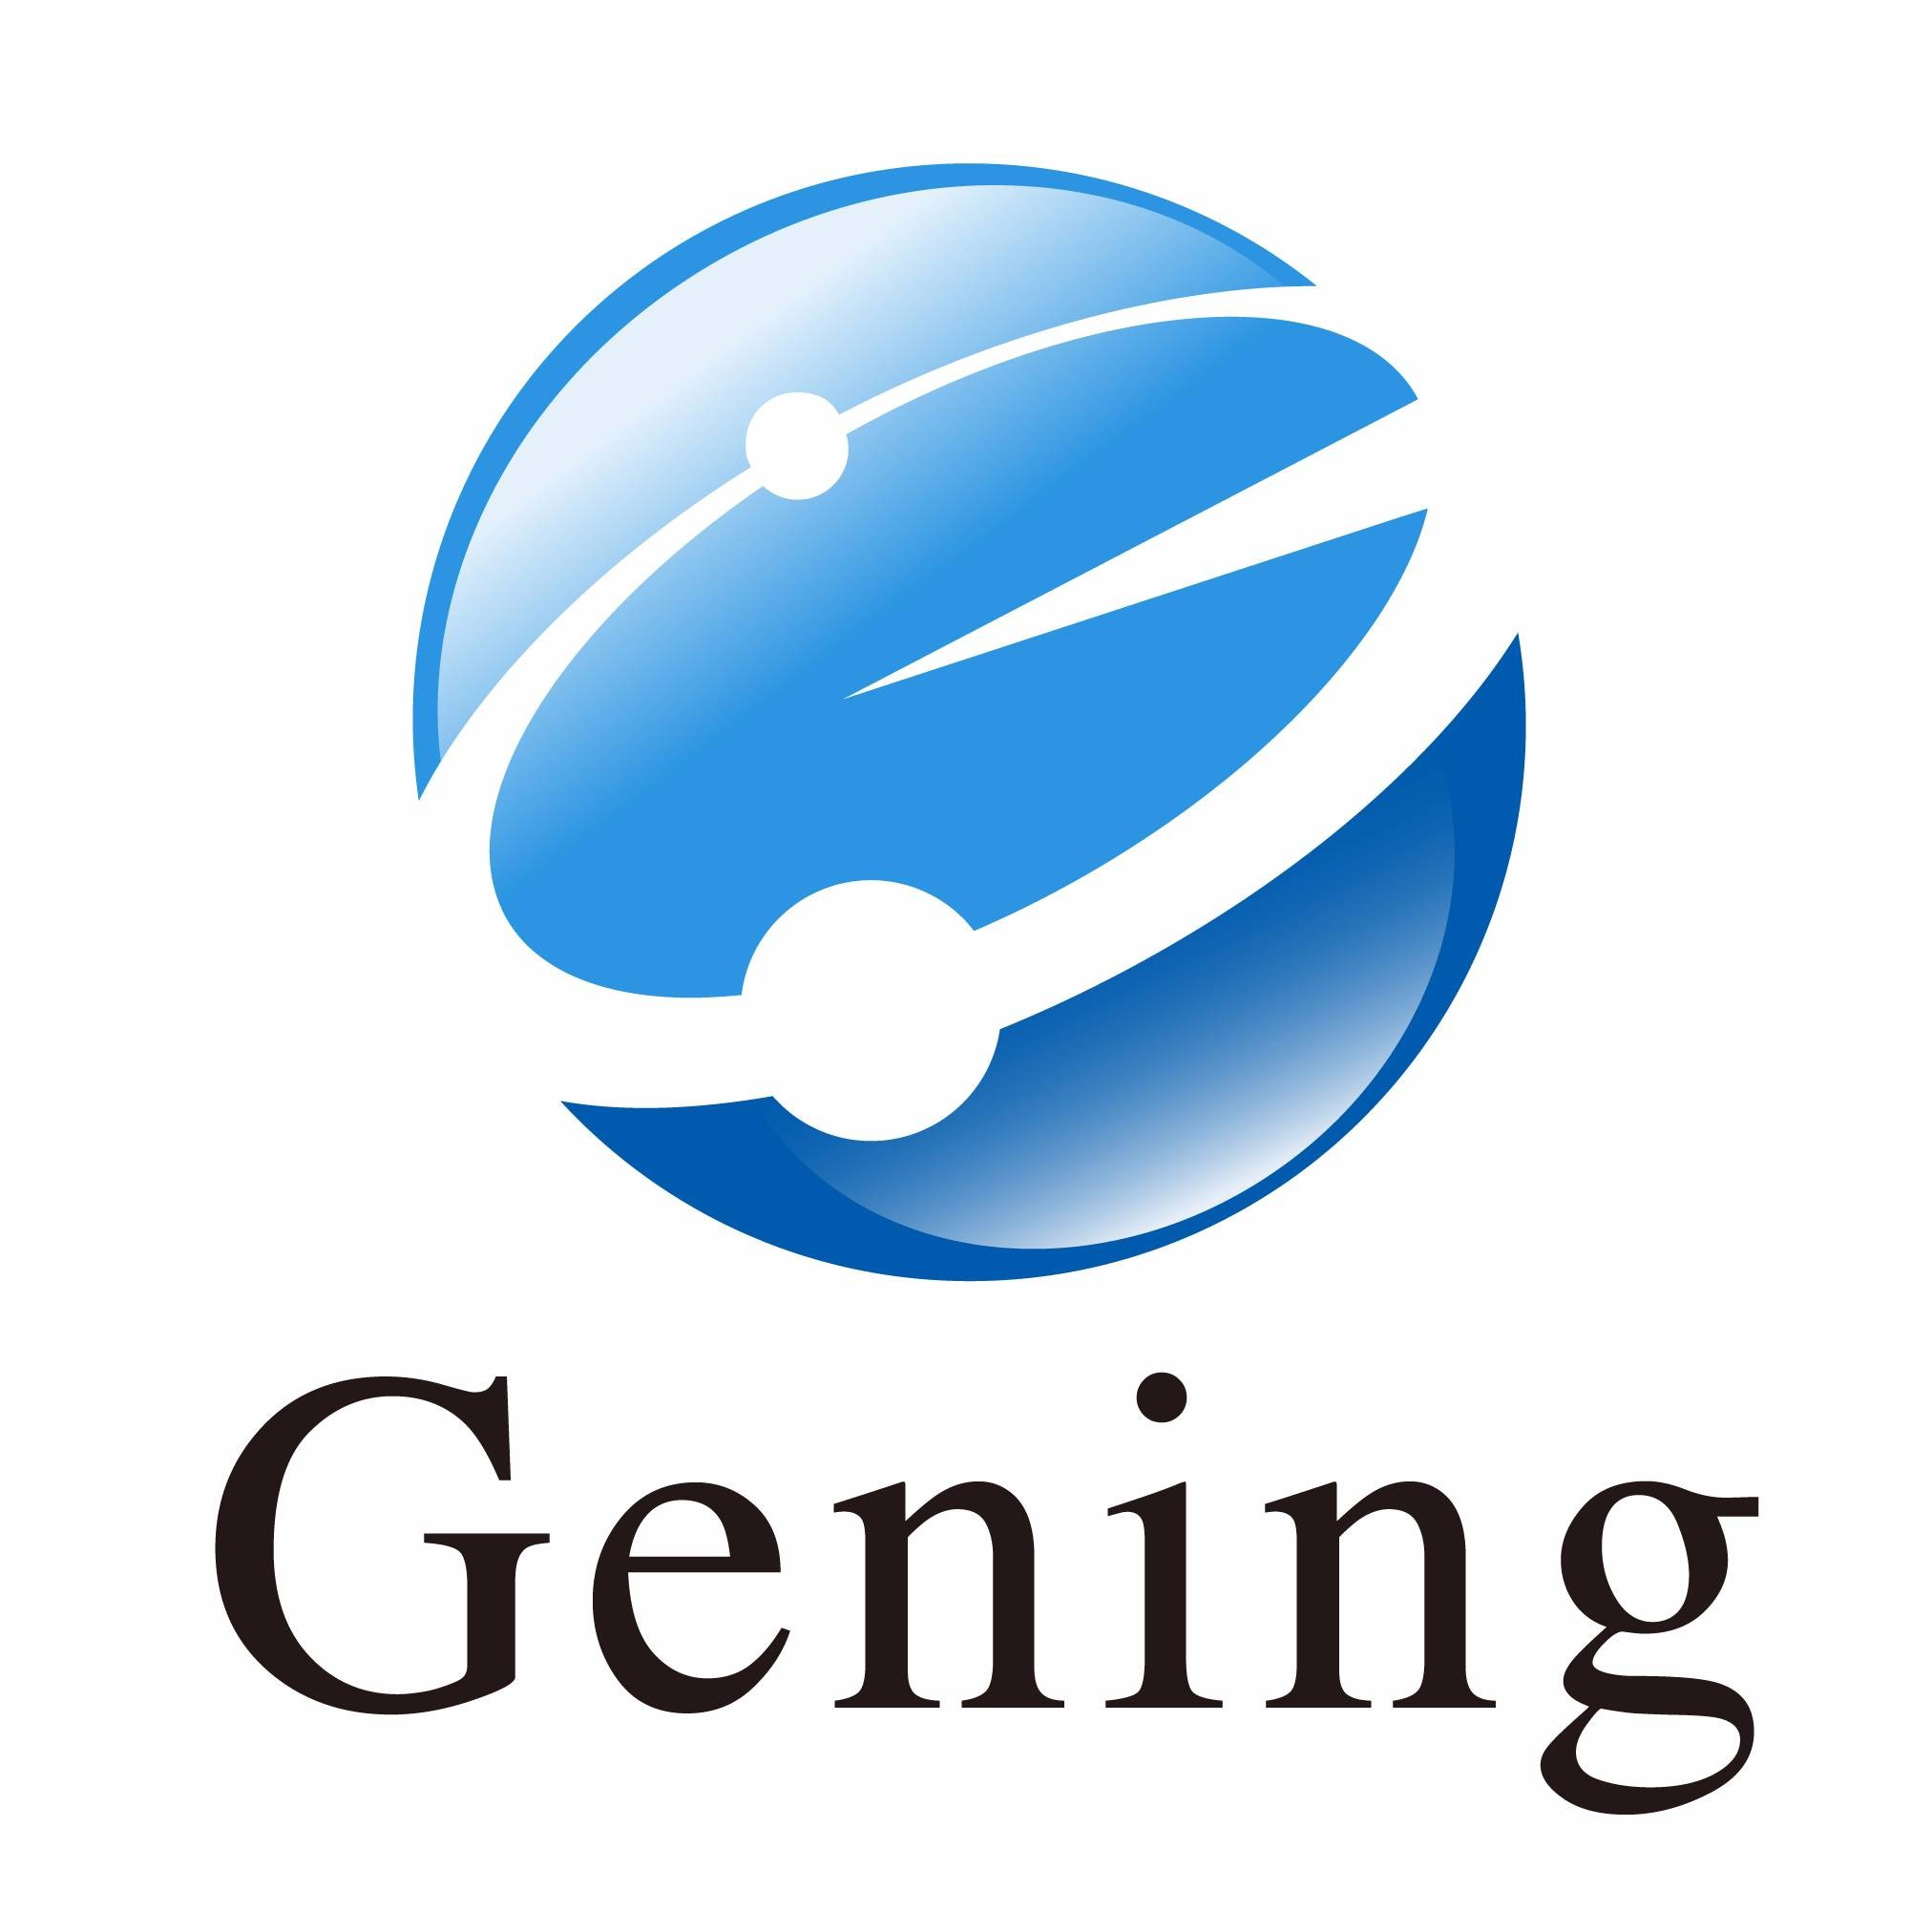 株式会社ジーニングのロゴ画像